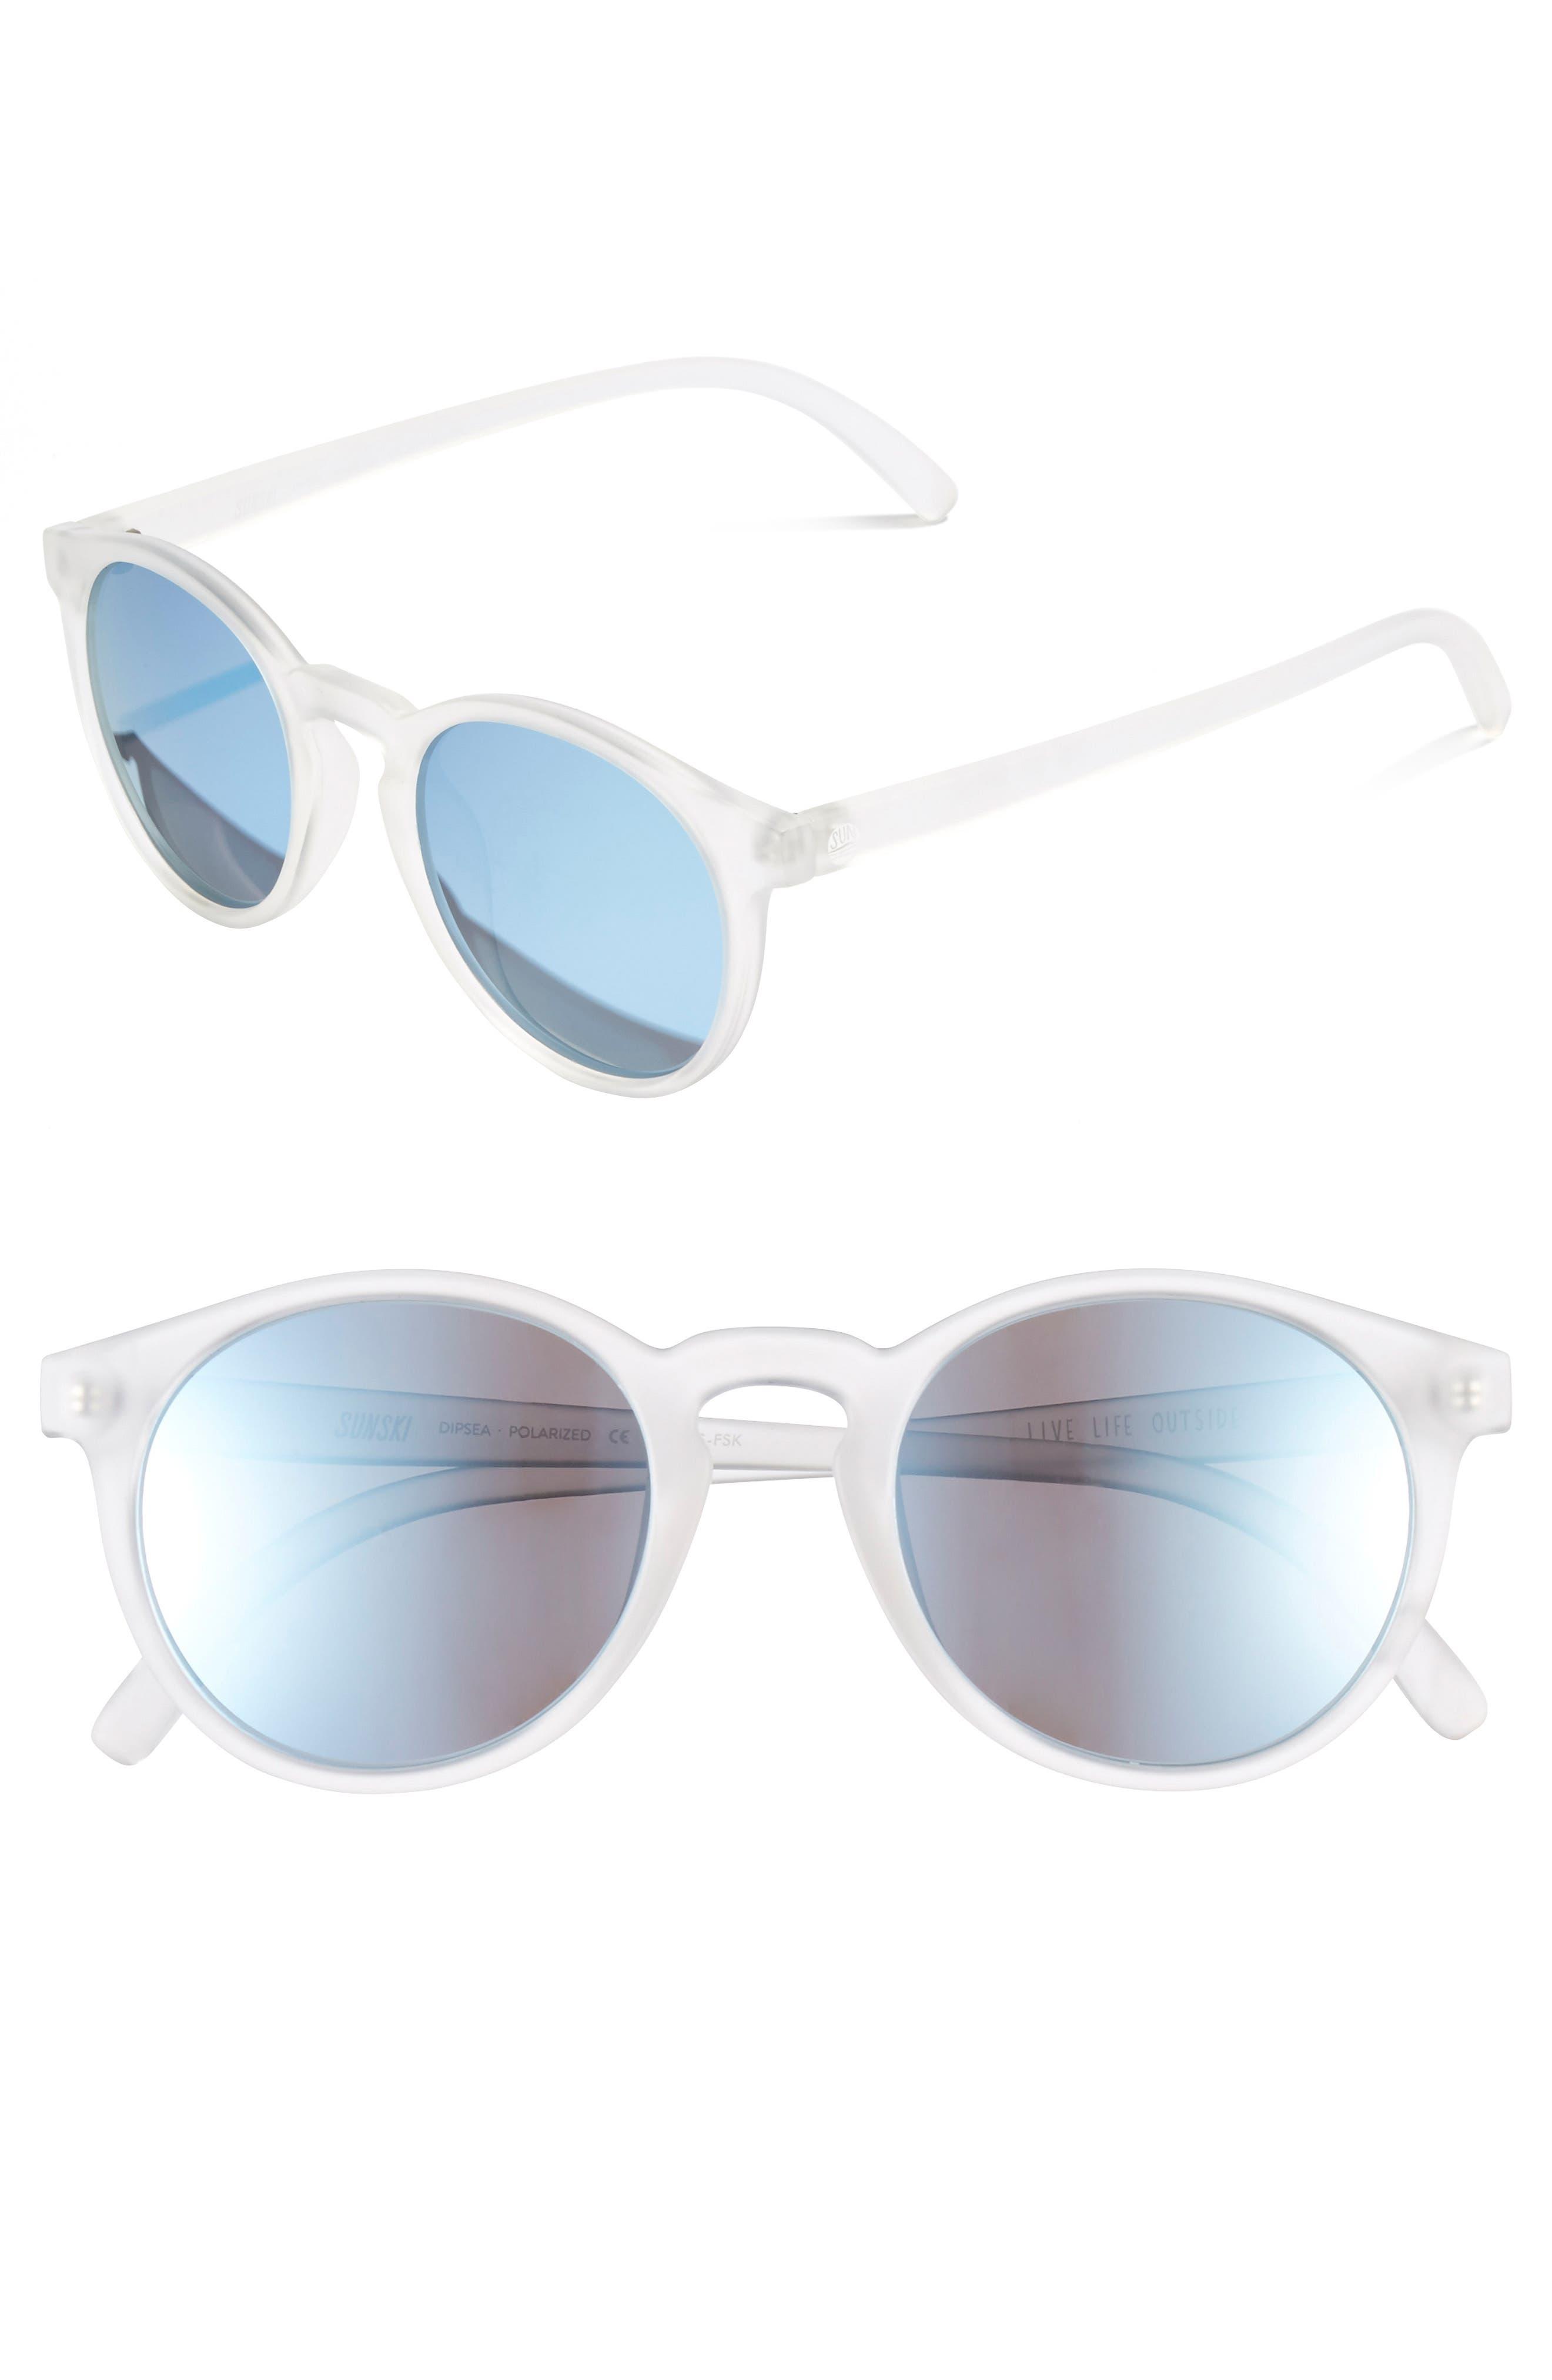 Main Image - Sunski Dipsea 48mm Polarized Sunglasses